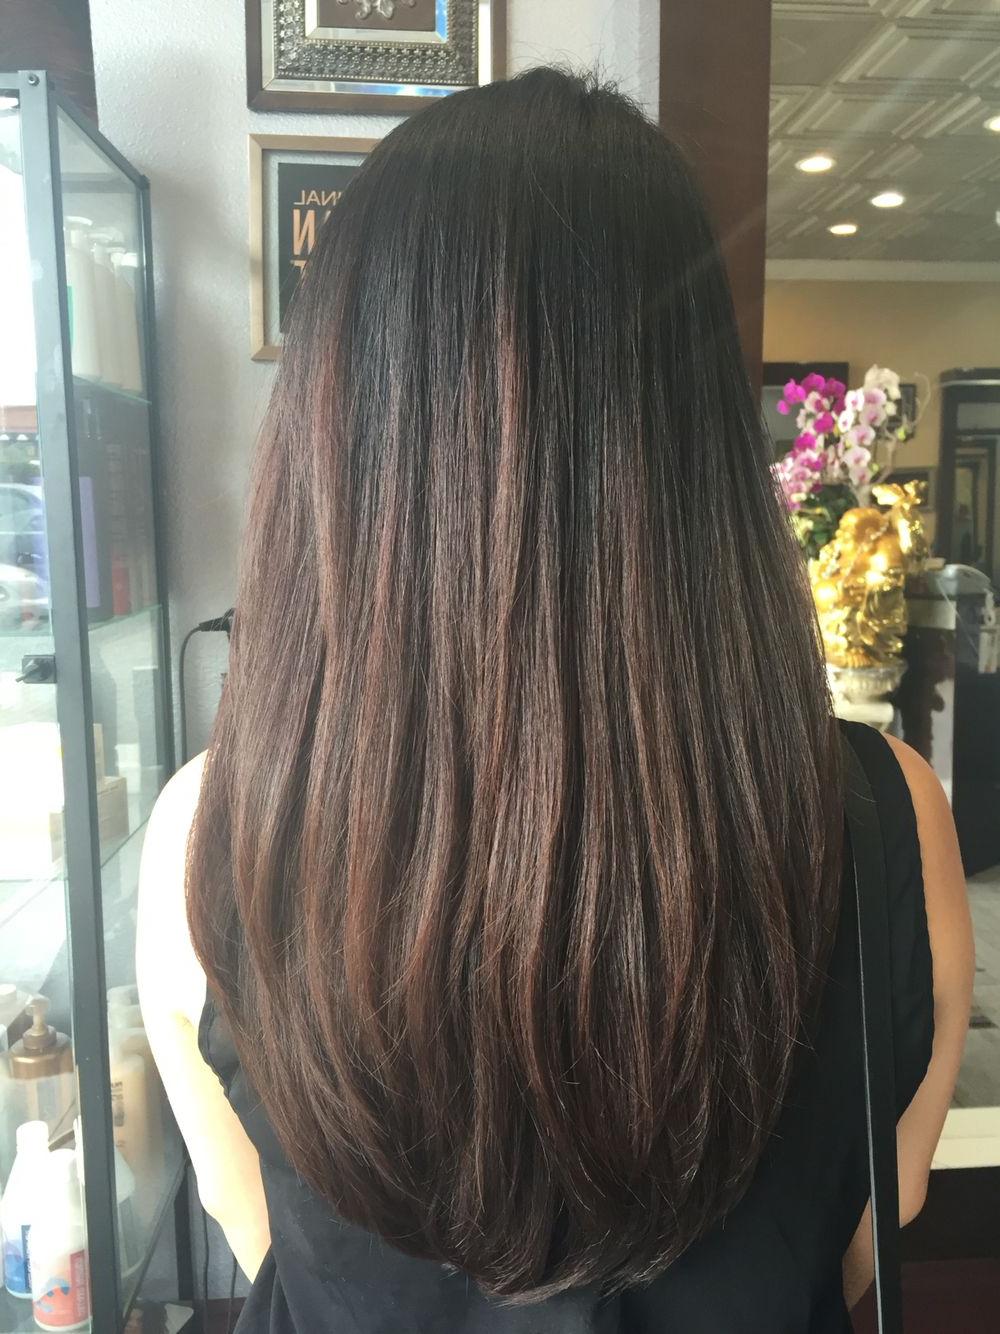 Hair Cuts, Hair Styles, Hair (View 8 of 20)